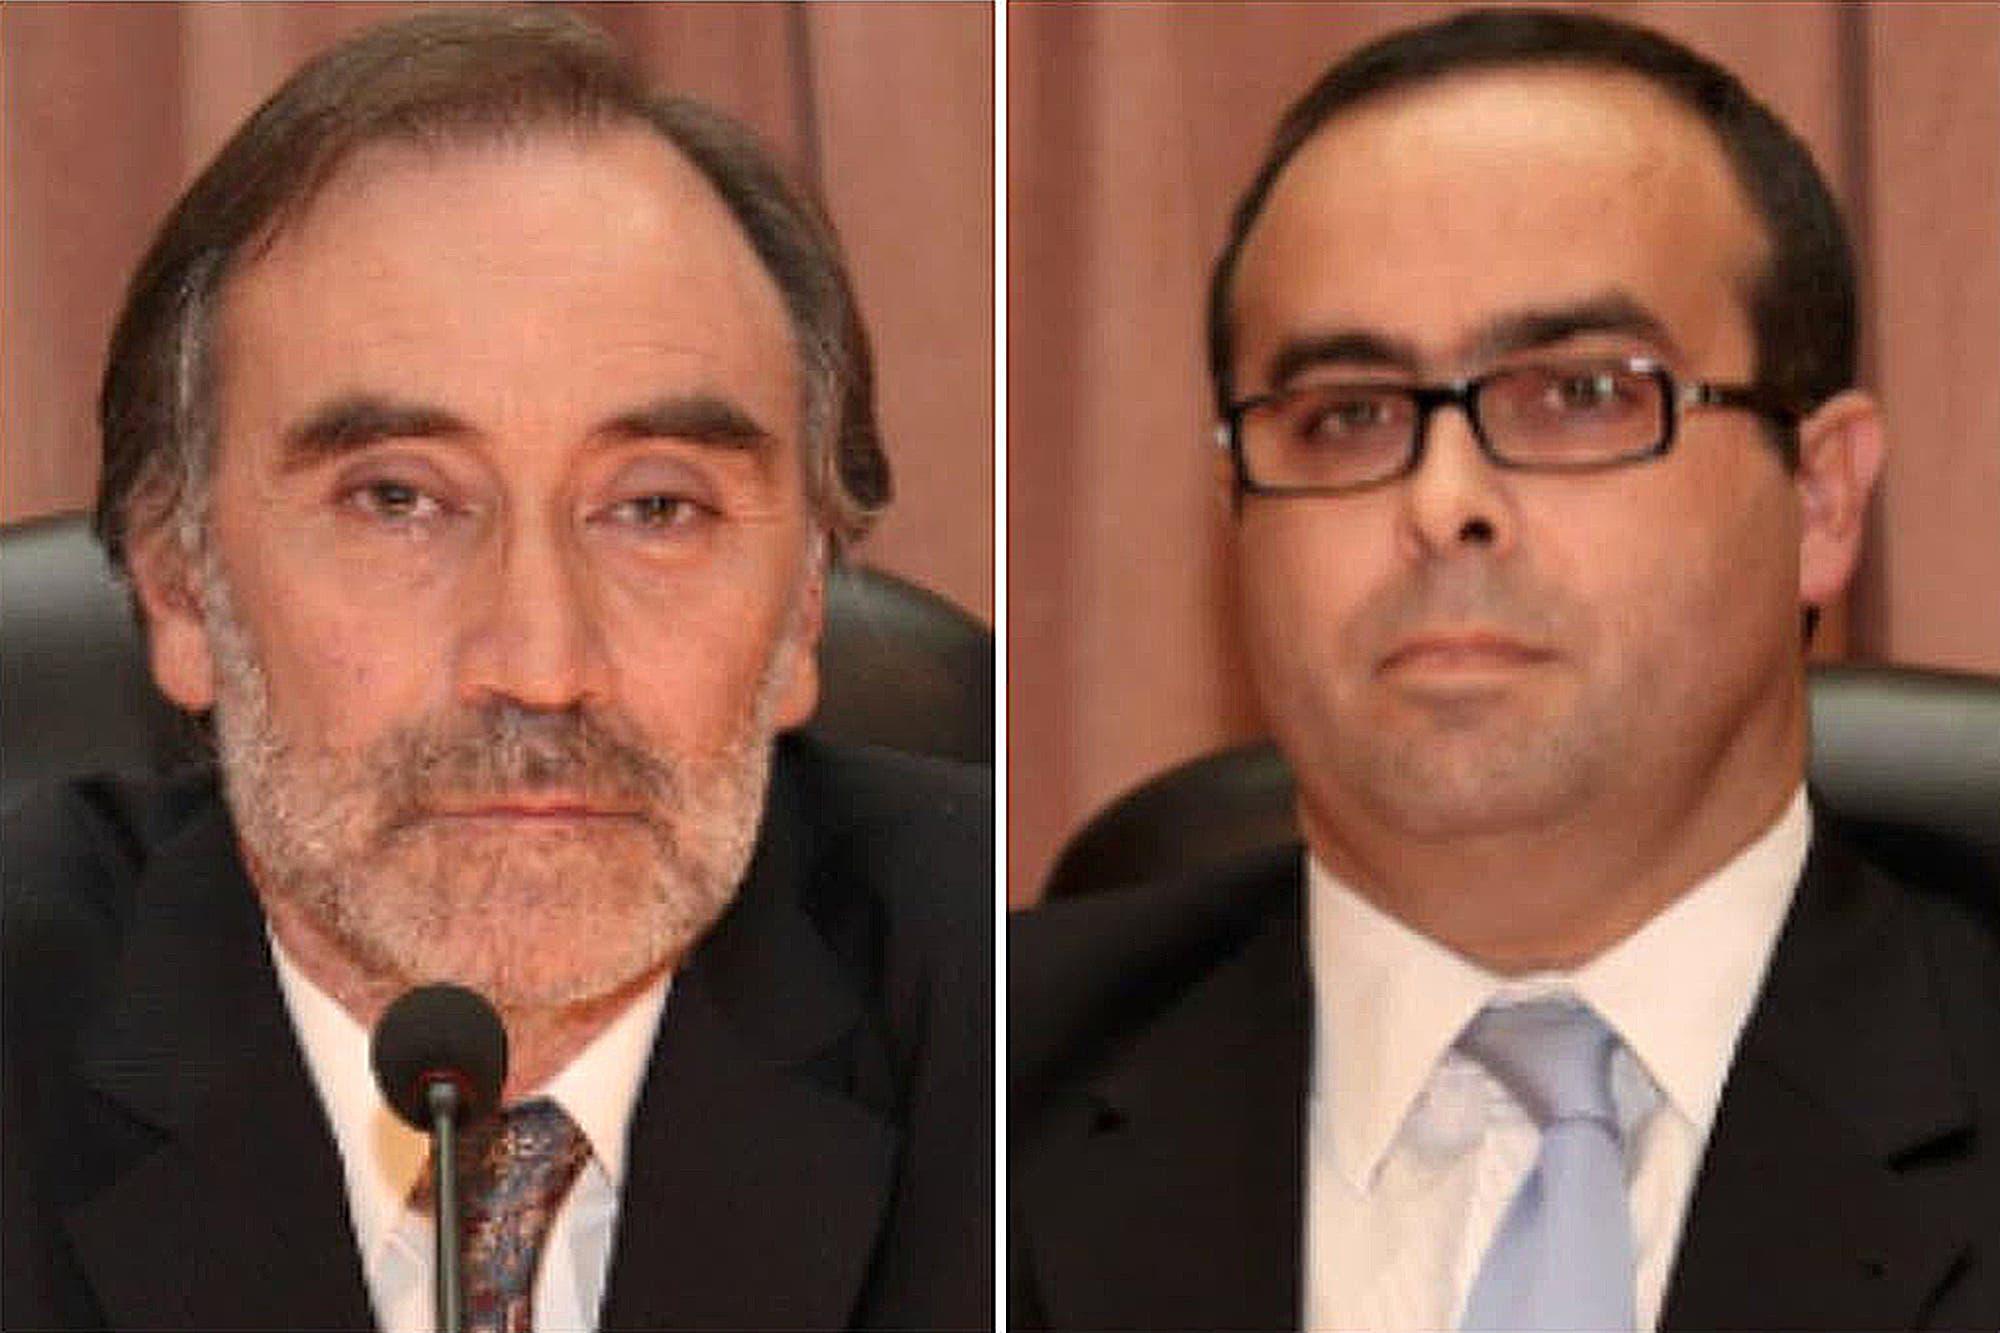 Los camaristas Leopoldo Bruglia y Pablo Bertuzzi dijeron que es inconstitucional la revisión de sus traslados